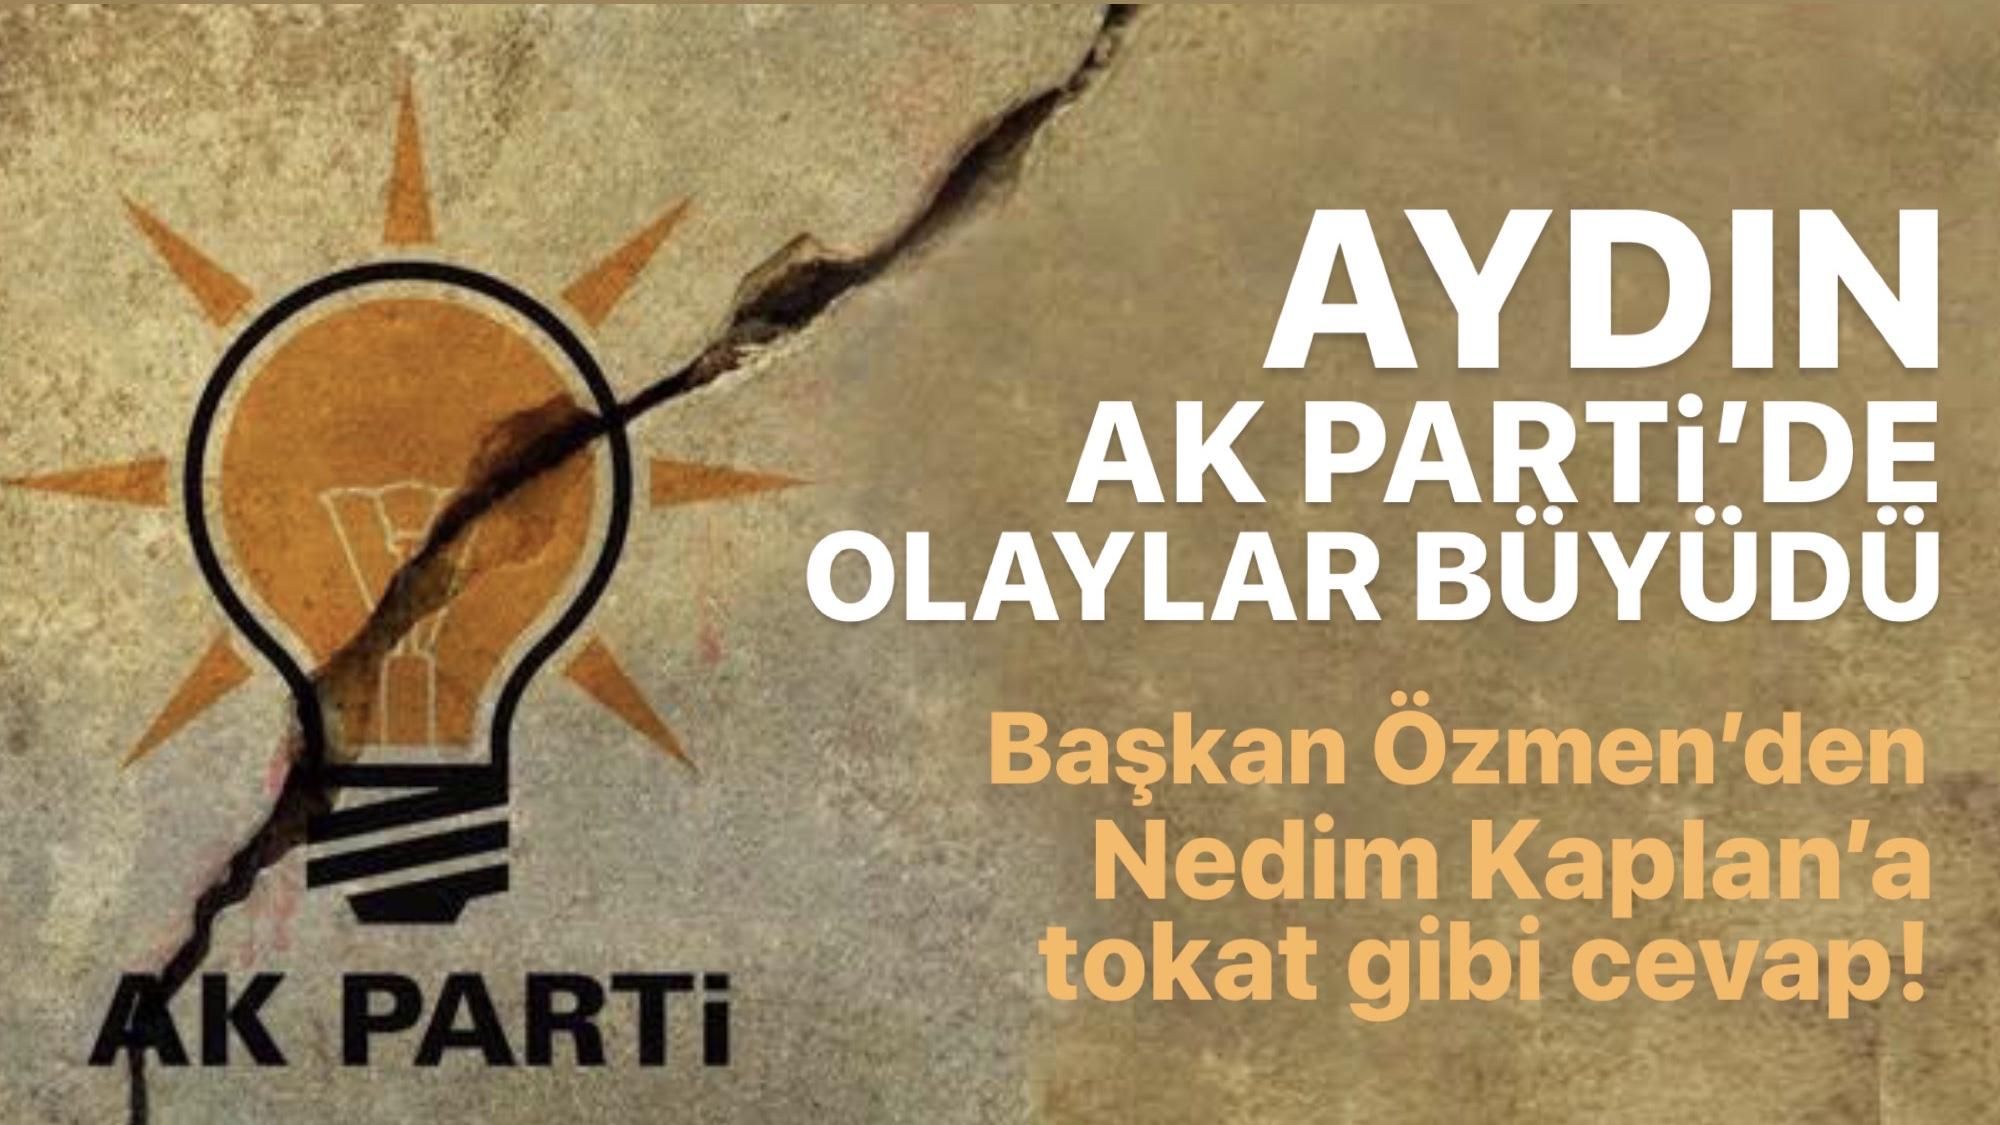 AK Parti Aydın'da Ortalık Karıştı